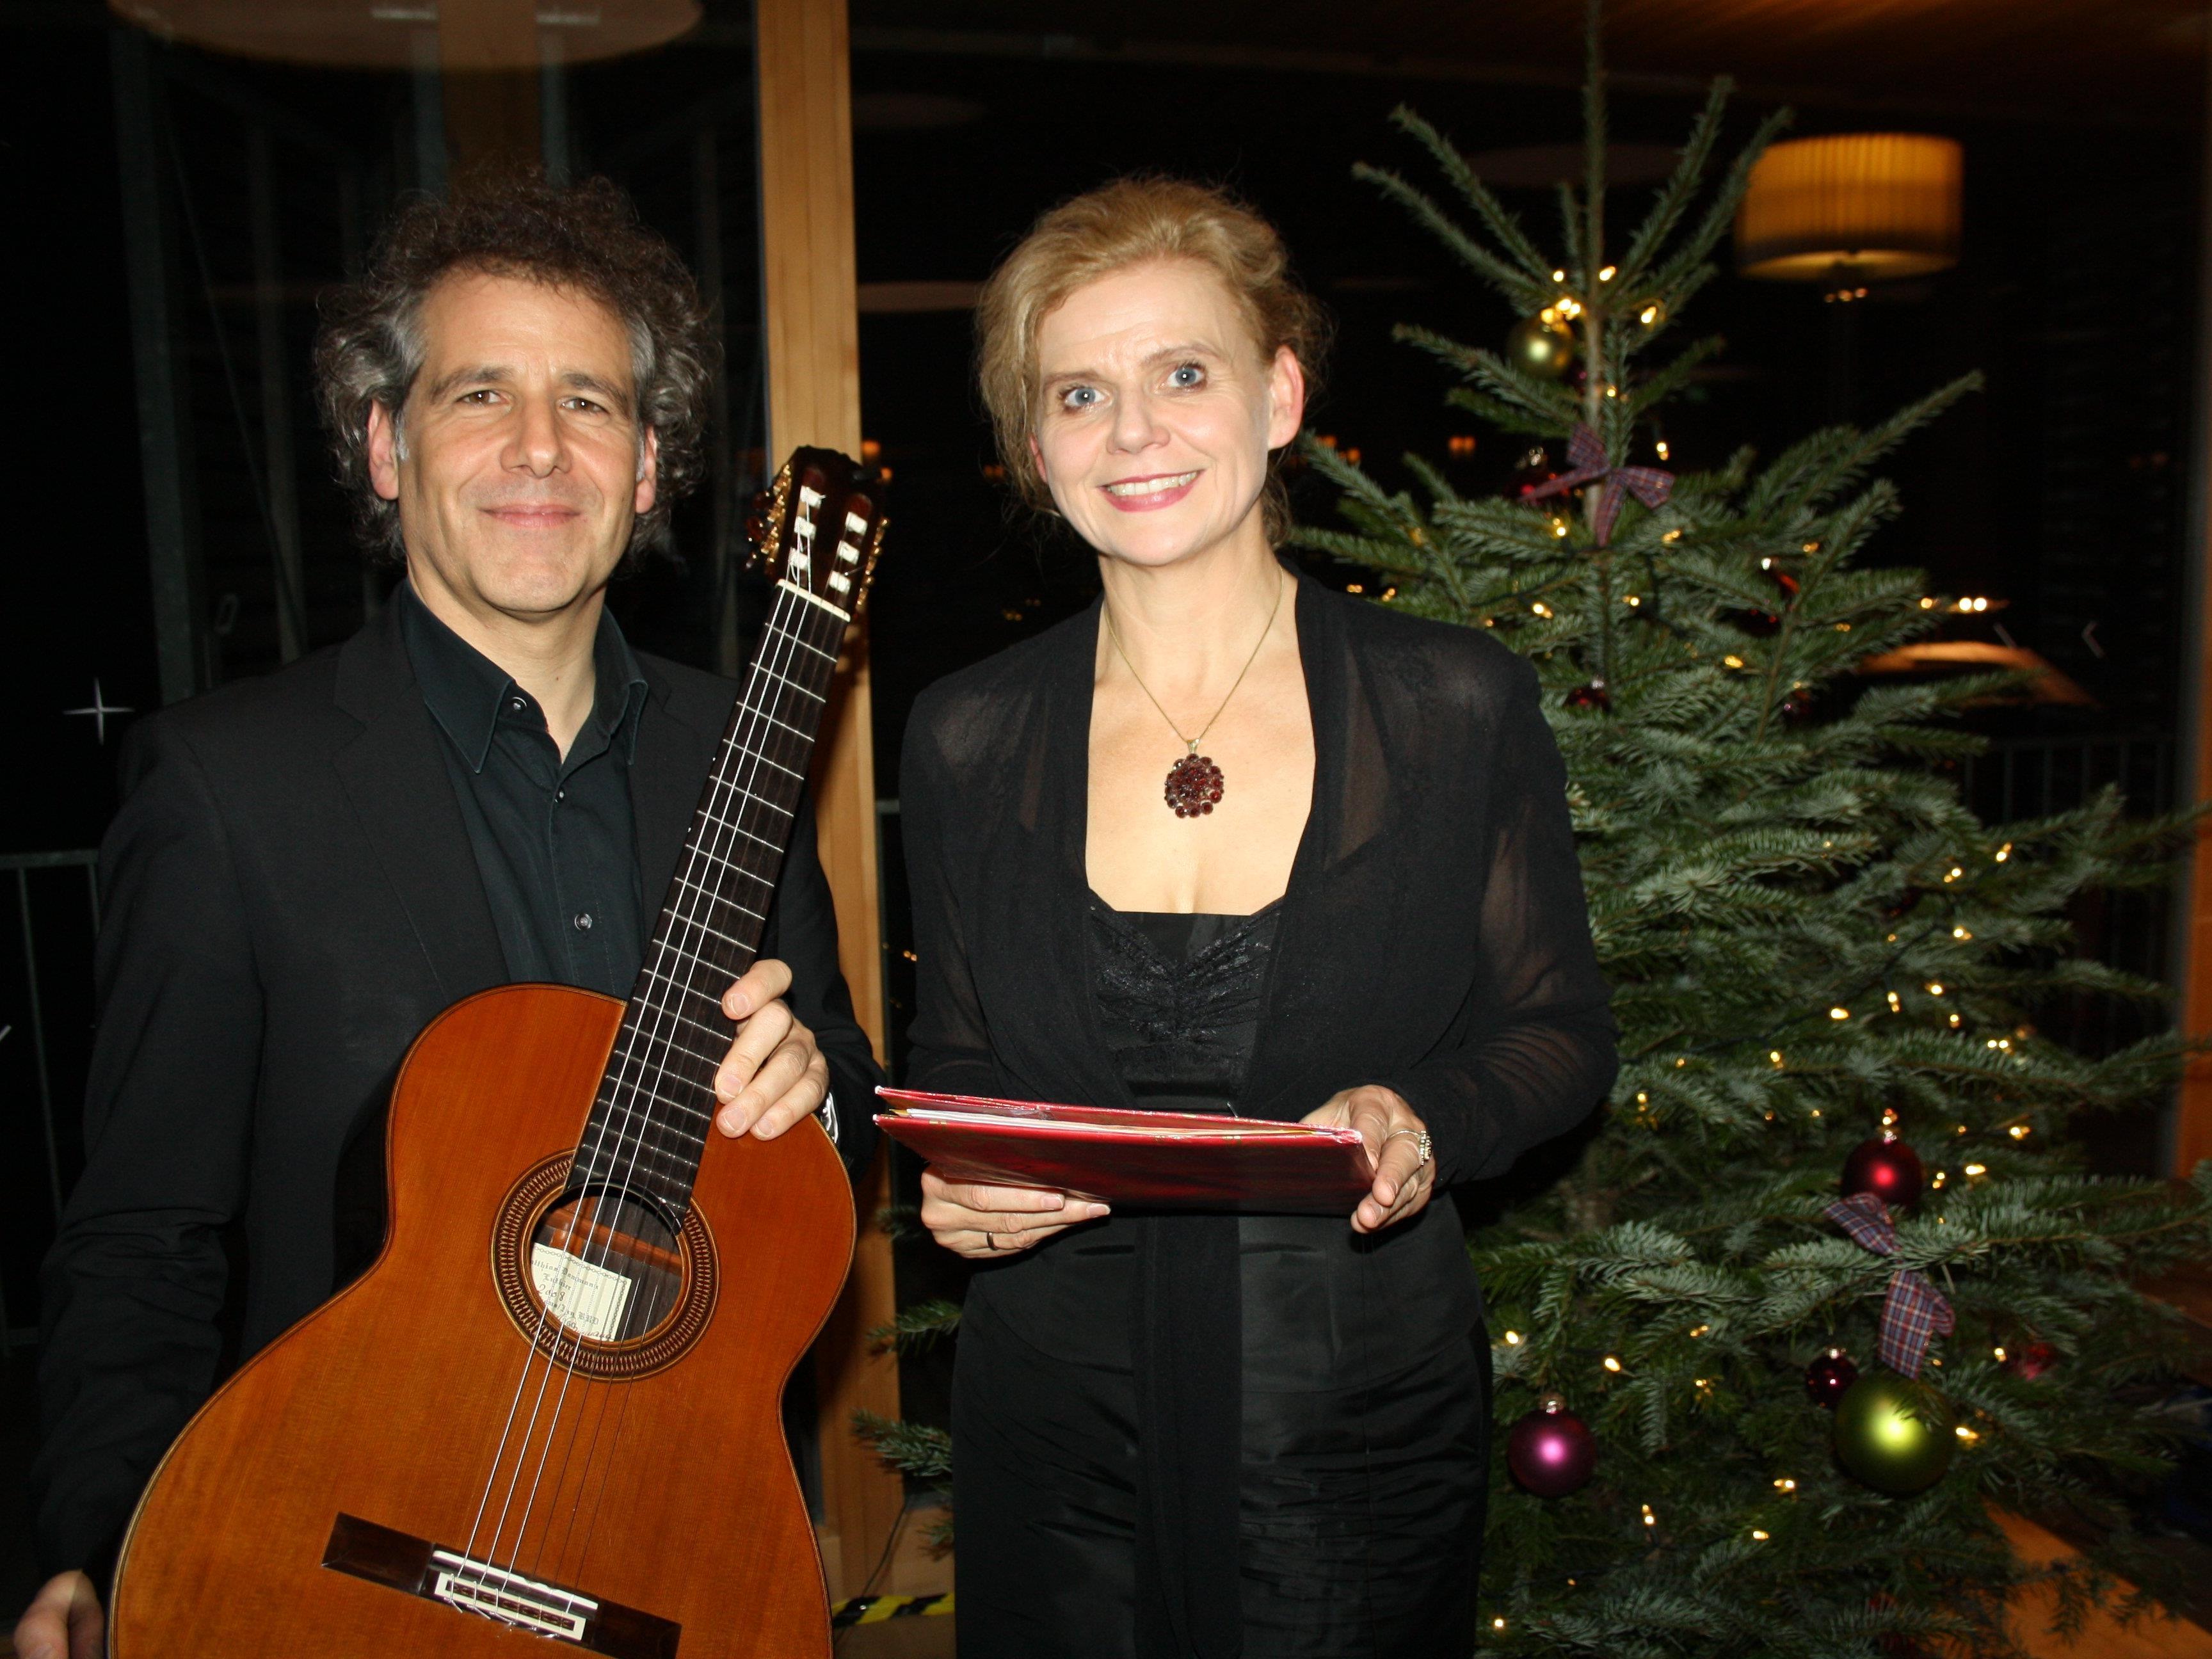 """Als bewährte und geschätzte Interpreten gestalten auch in diesem Jahr Renate Bauer und Alexander Swete den traditionellen """"Schloss Hofener Advent""""."""